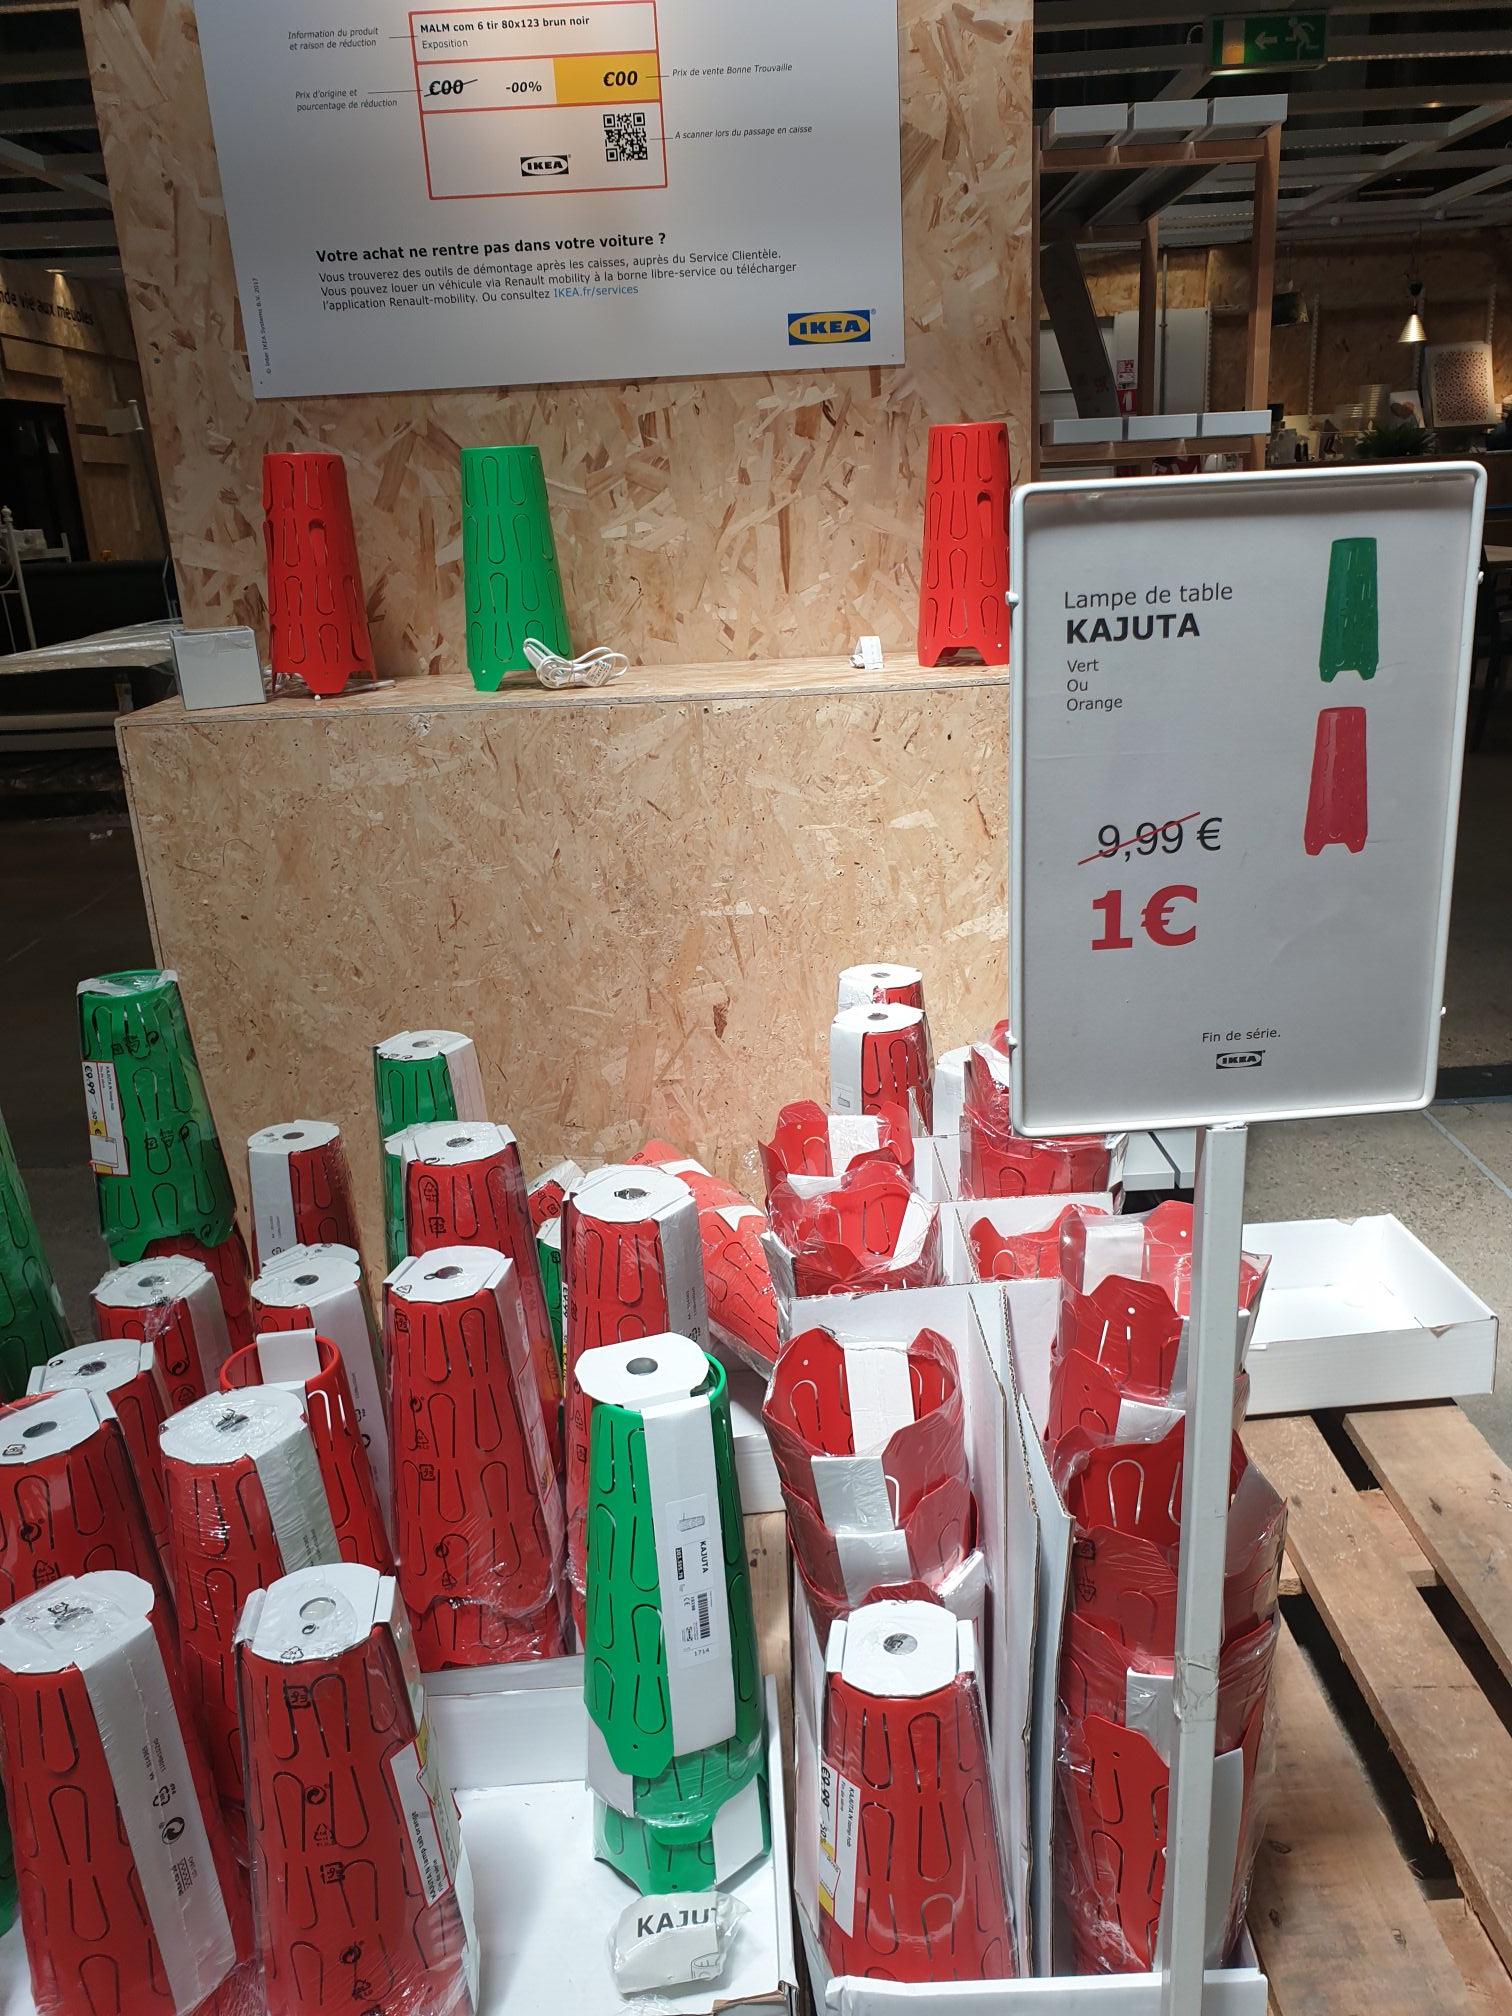 Lampe de table Ikea Kajuta (Rouge ou vert) - Saint-Priest (69)